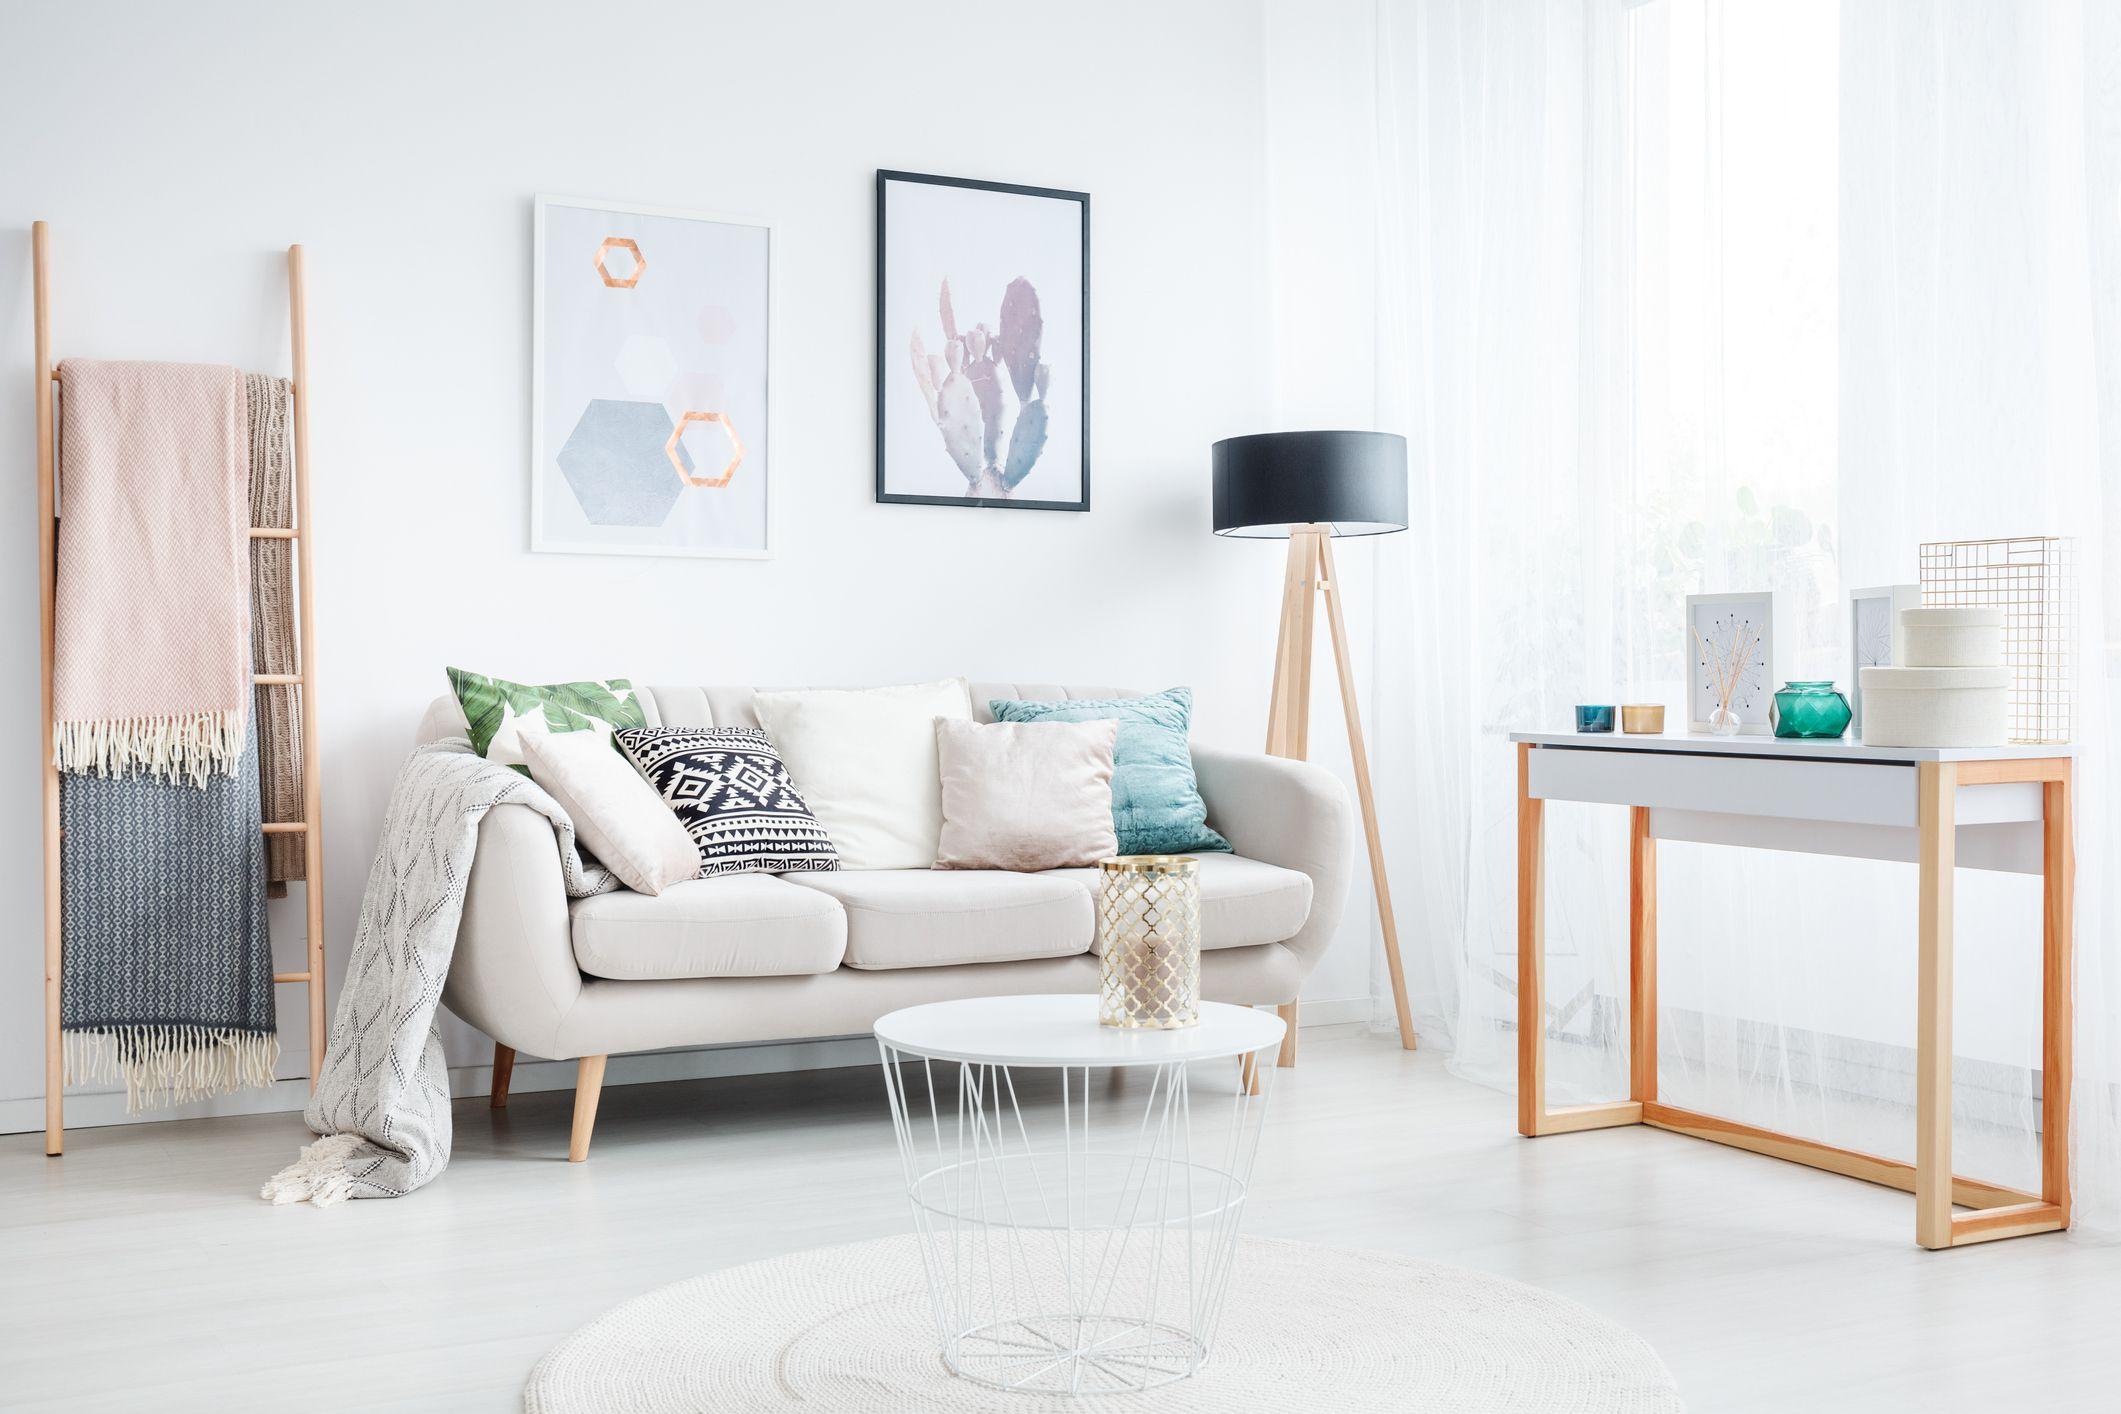 Interior Design Ideas Home Decorating & Interior Design Ideas